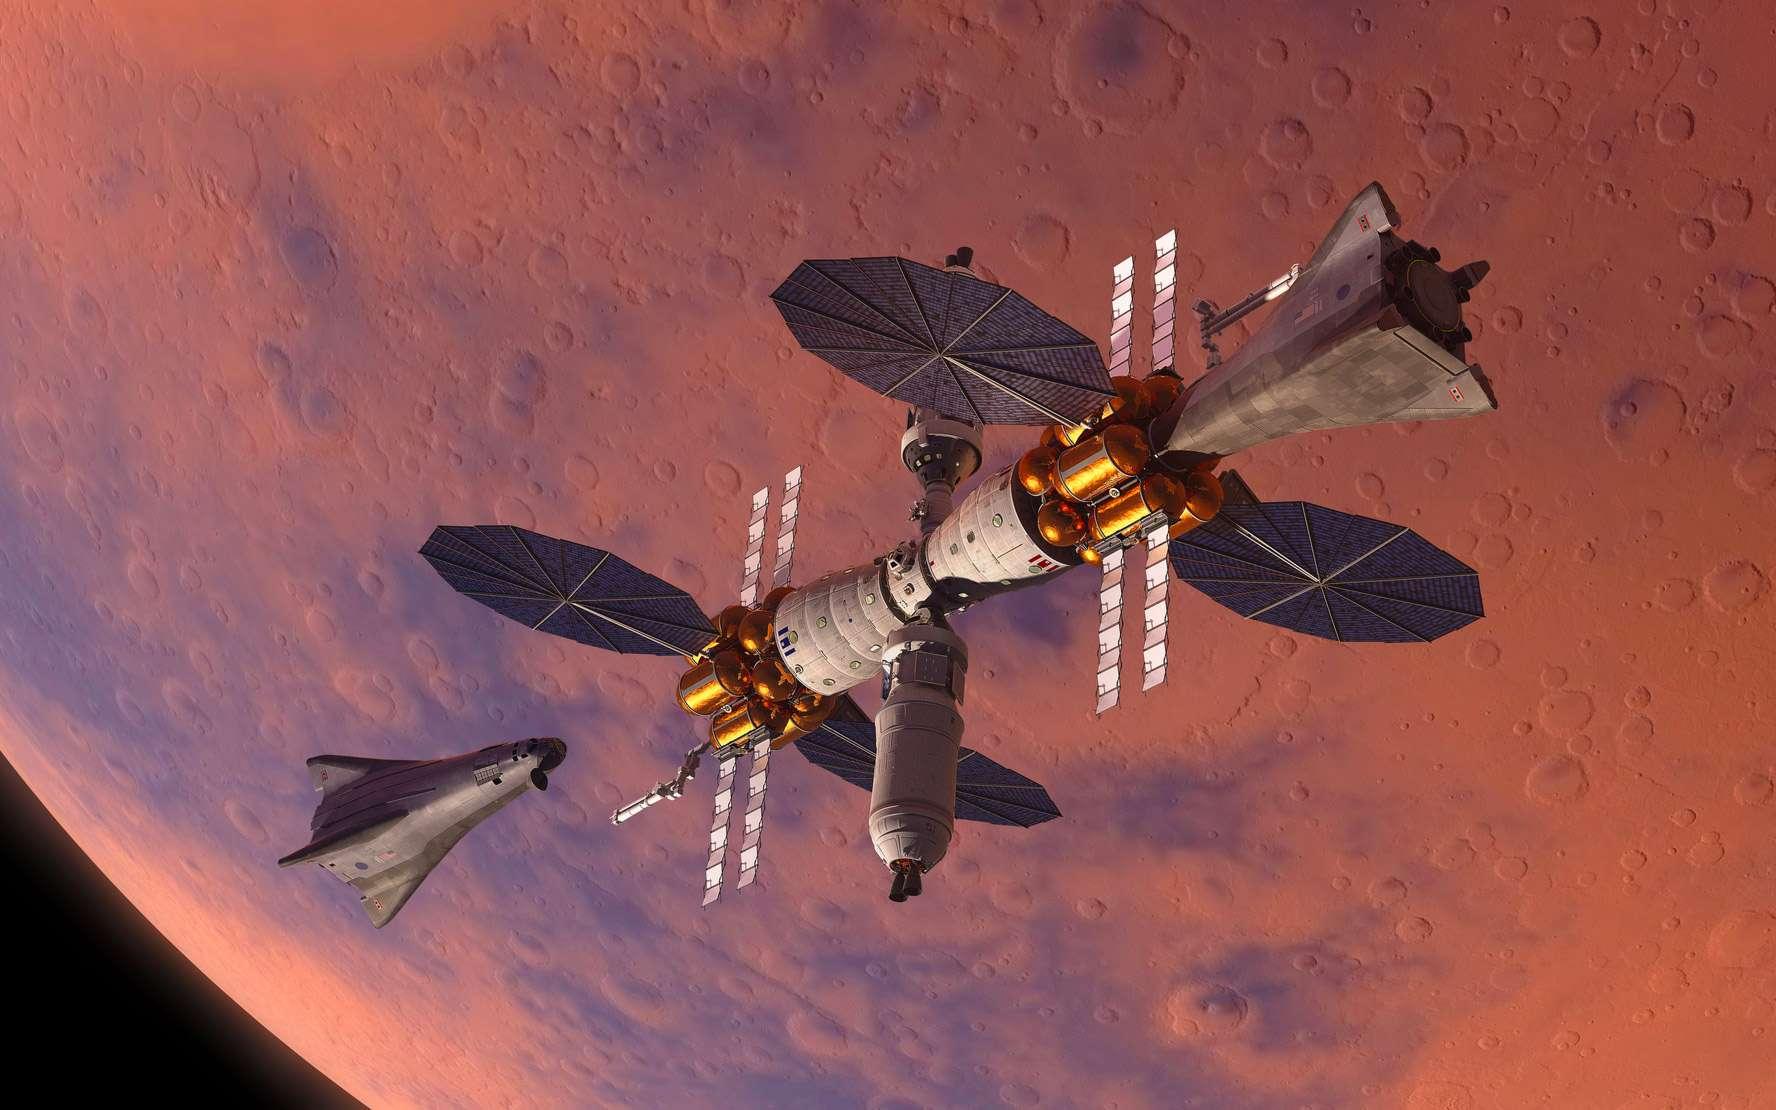 Cet avant-poste n'utilise pas de technologie révolutionnaire. Il s'appuie sur le véhicule Orion que construit actuellement Lockheed Martin et d'autres modules d'habitation développés dans le cadre de contrats passés avec la Nasa. © Lockheed Martin